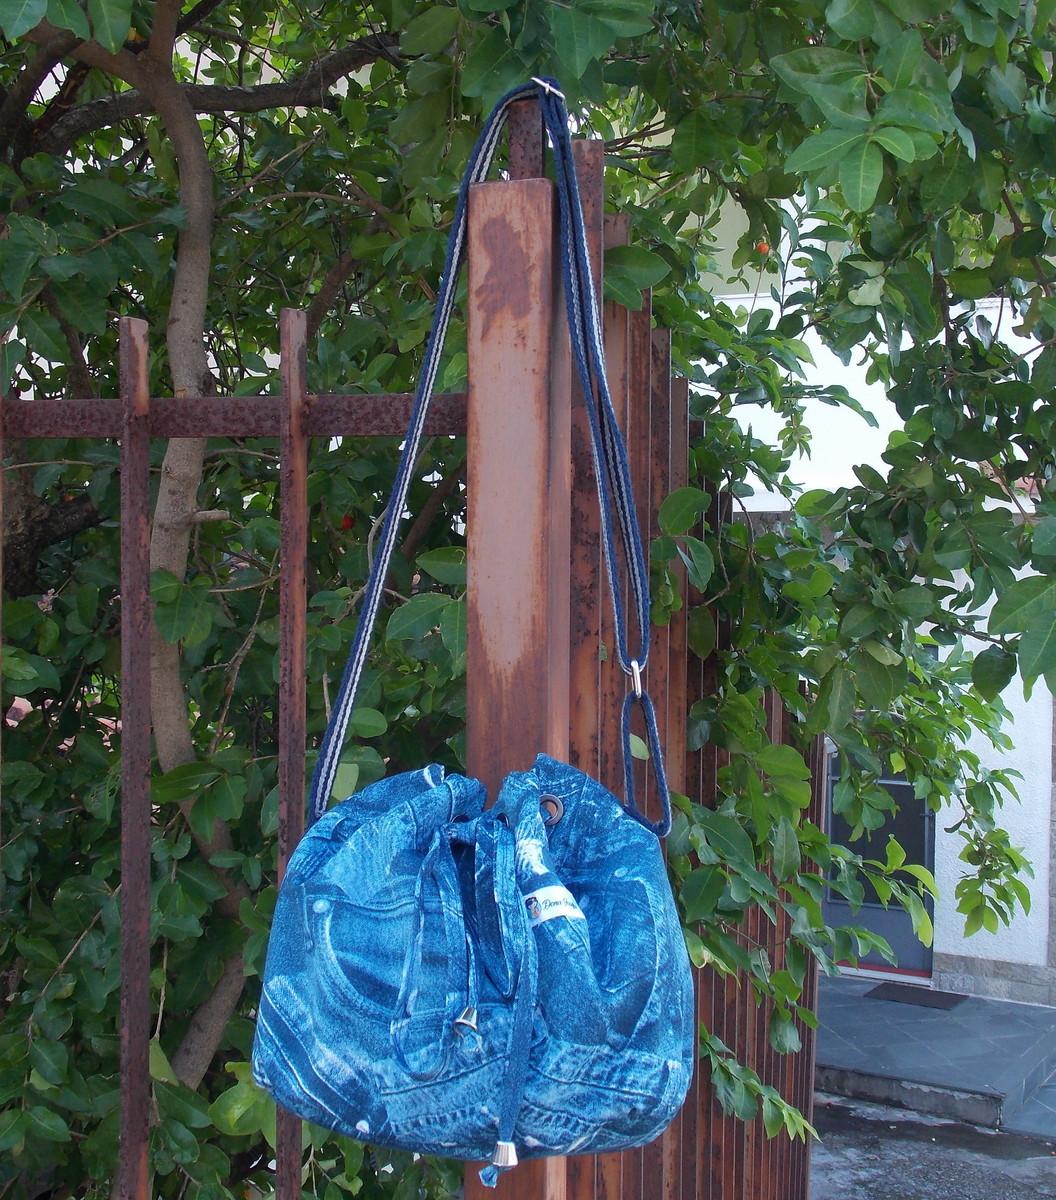 Bolsa Saco Jeans - Bucket Bag (alça azul) no Elo7  a3f11944511